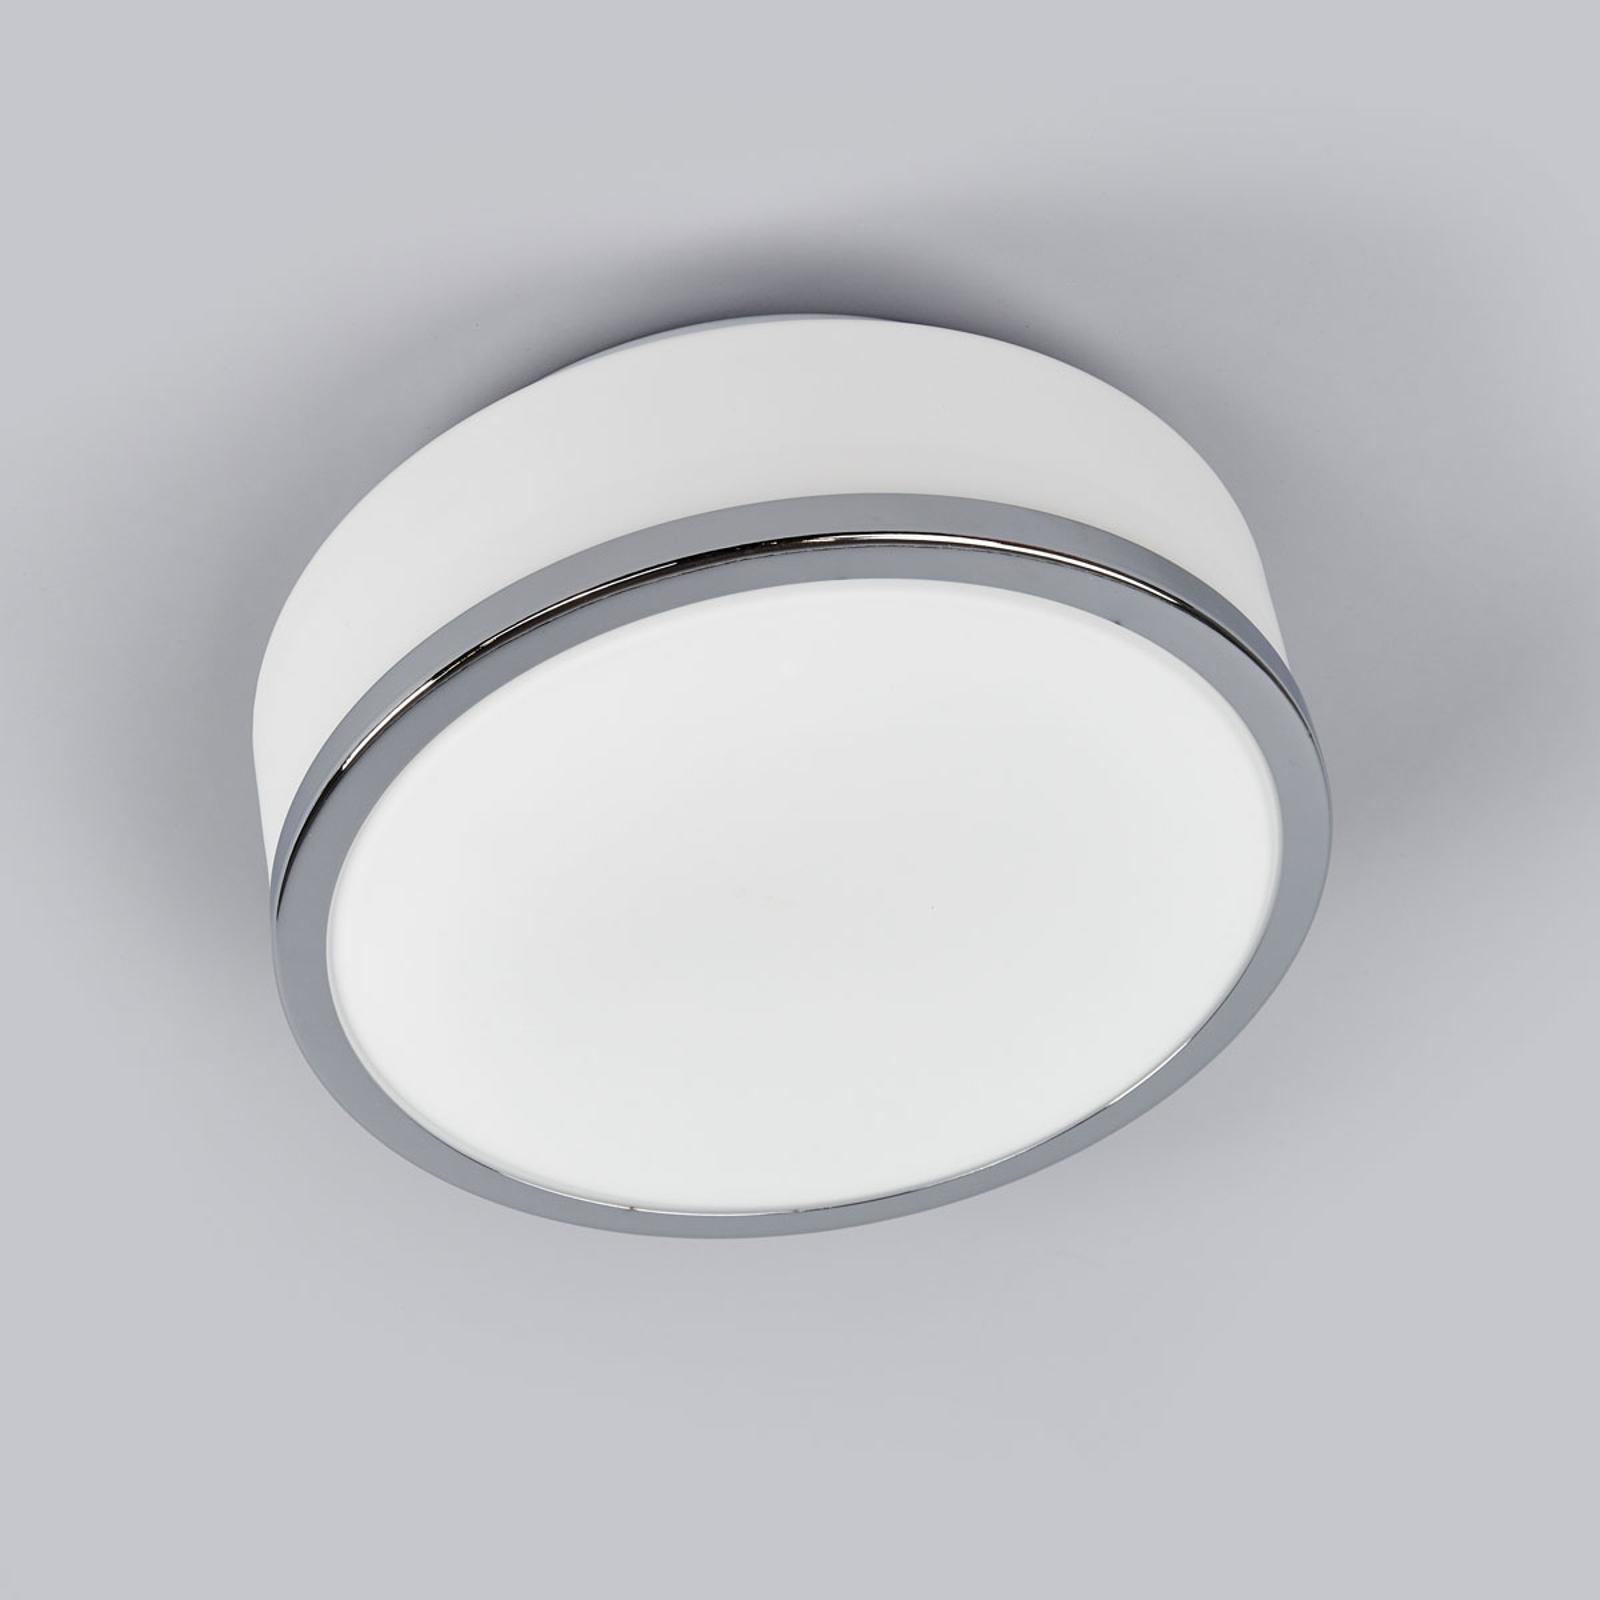 Deckenleuchte Flush IP44, Ø 23cm, chrom